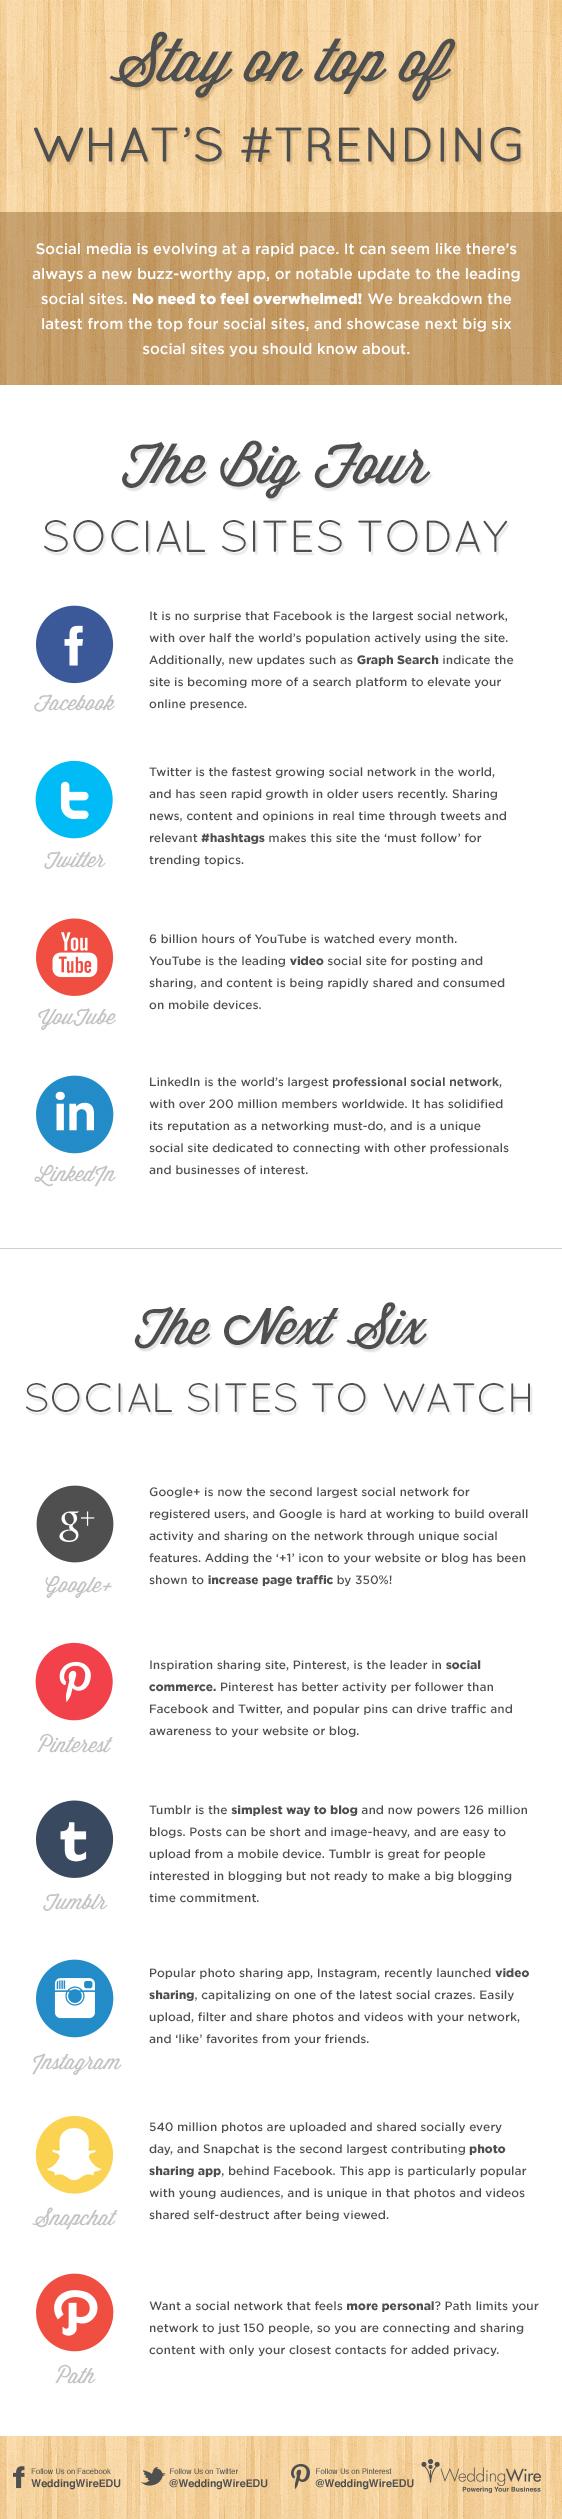 webinar-Takeaway-whats-new-in-socialmedia